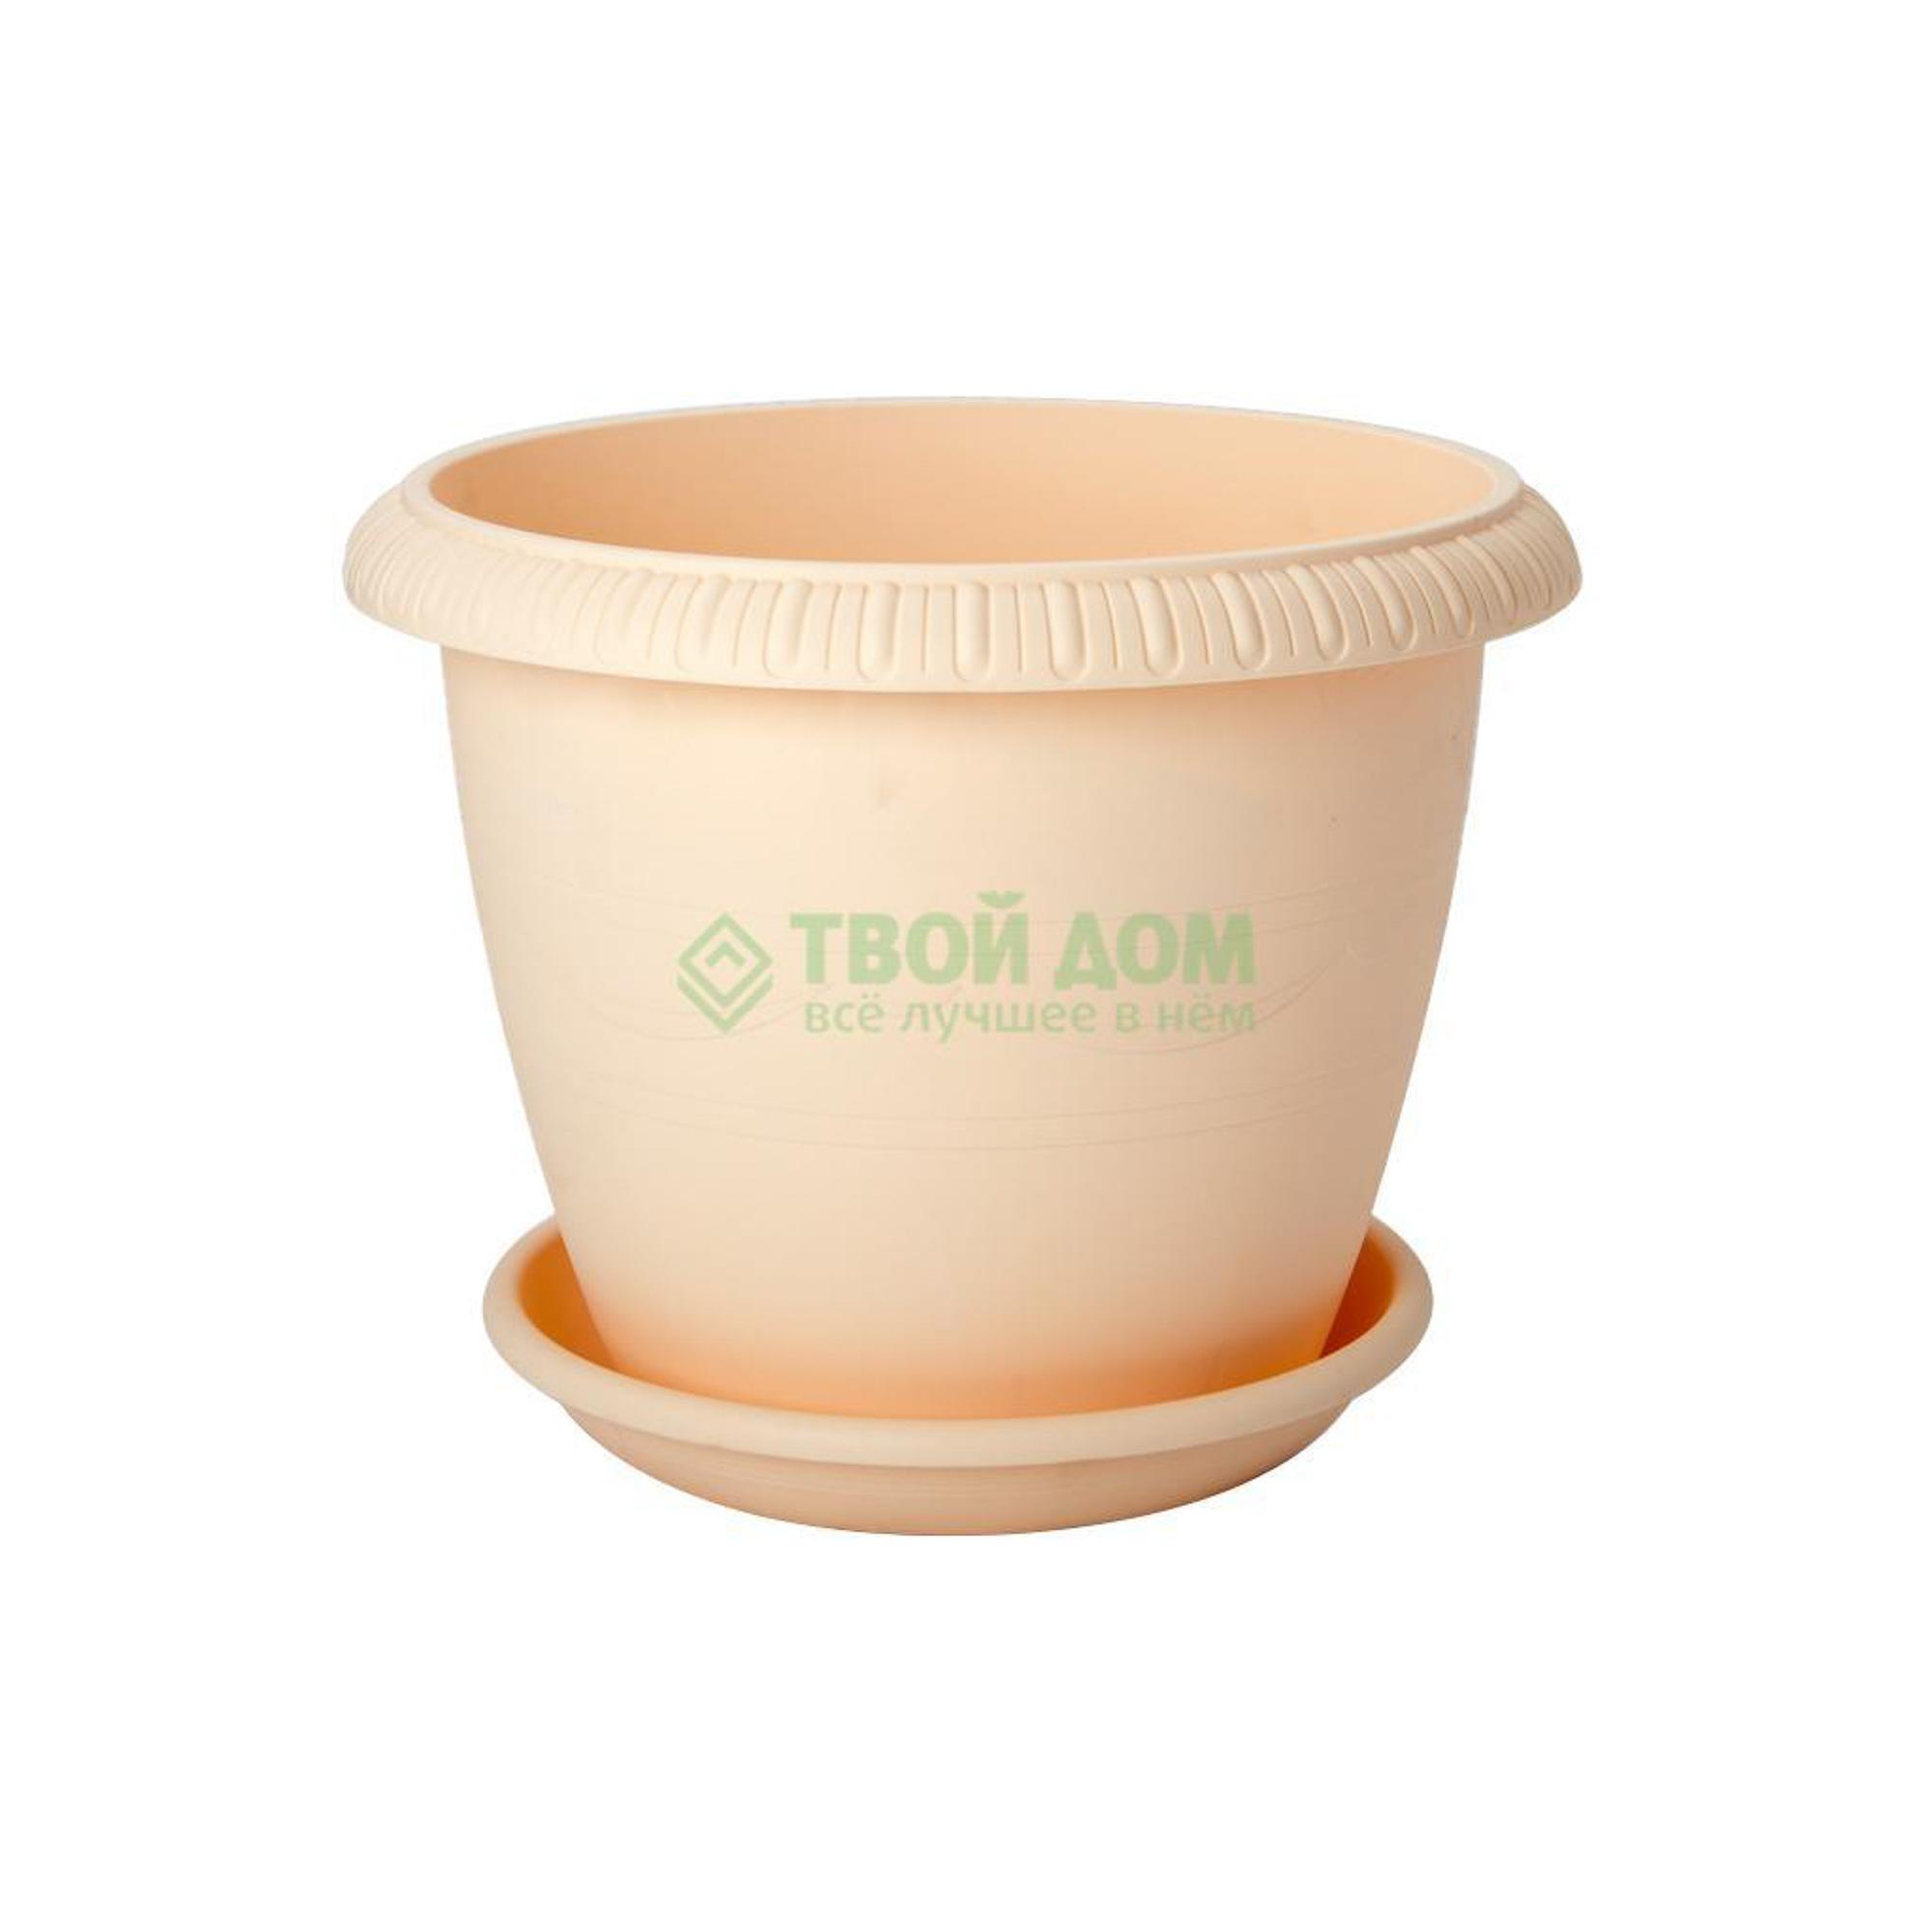 Купить Горшок Tek.a.tek для цветов 104-2, горшок, Россия, светло-коричневый, полипропилен